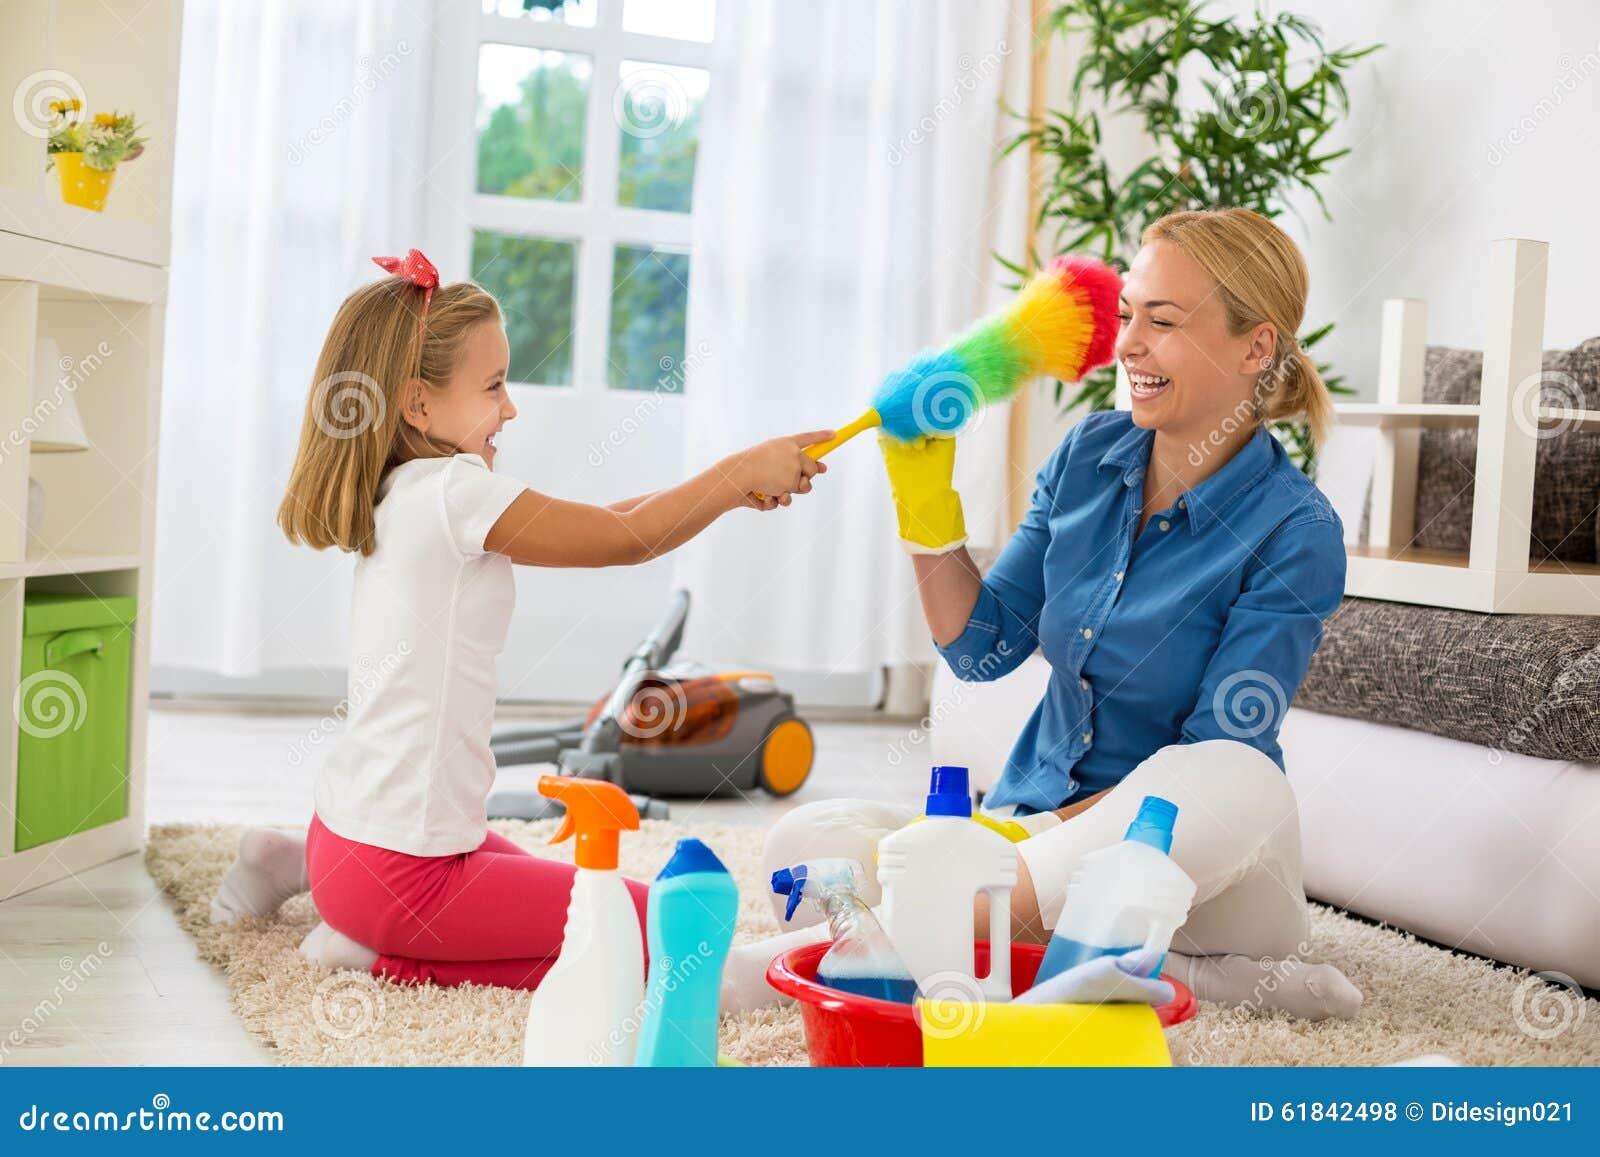 Limpieza del hogar limpieza general de la casa en navidad - Casa de limpieza ...